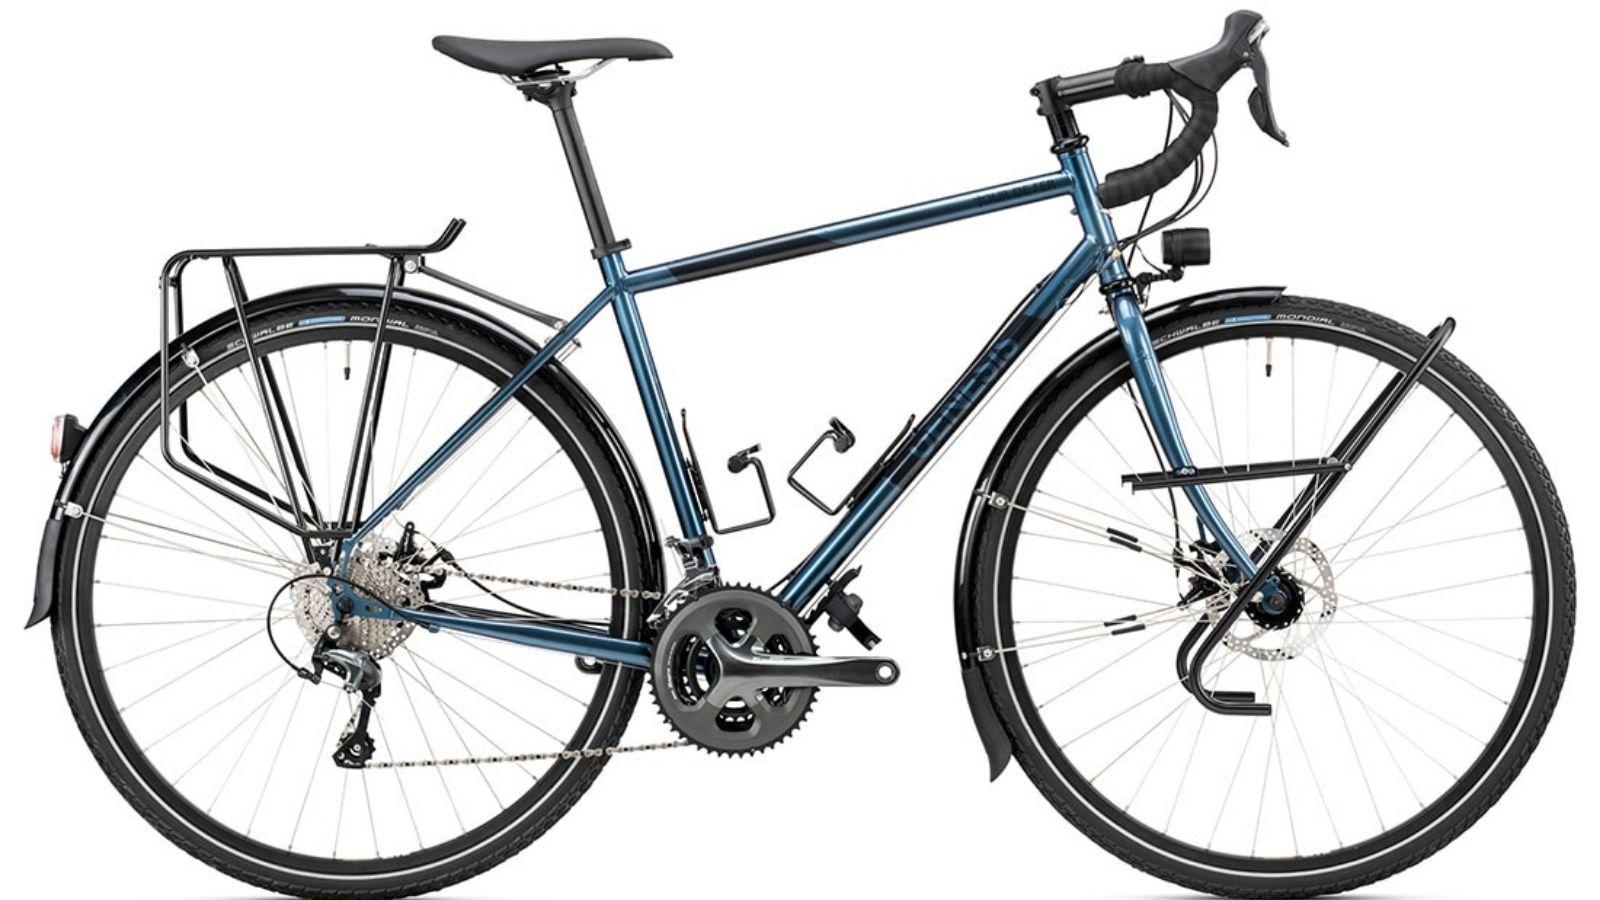 La bici da cicloturismo Genesis Tour de Fer